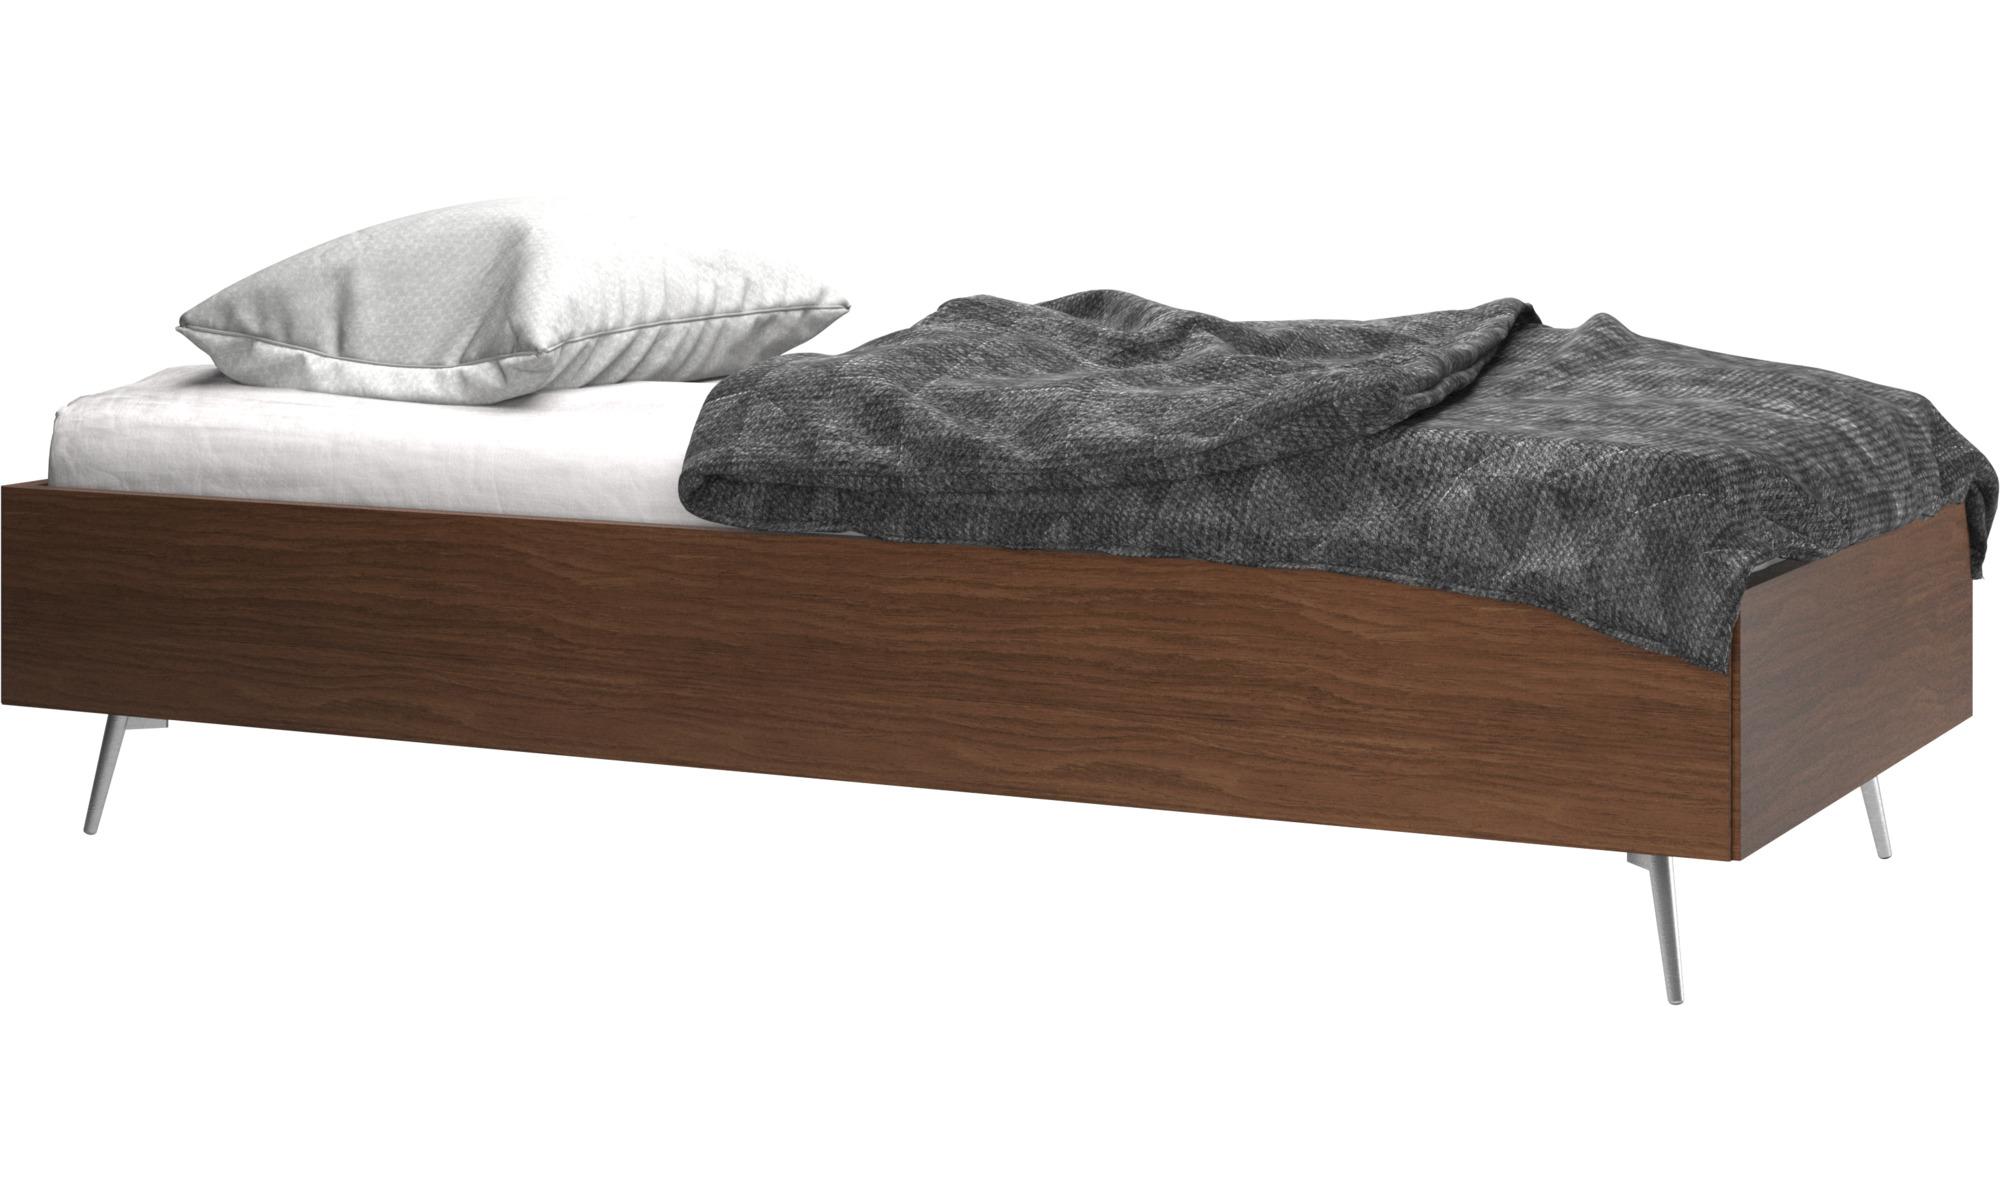 Camas - Cama Lugano, no incluye colchón - En marrón - Nogal